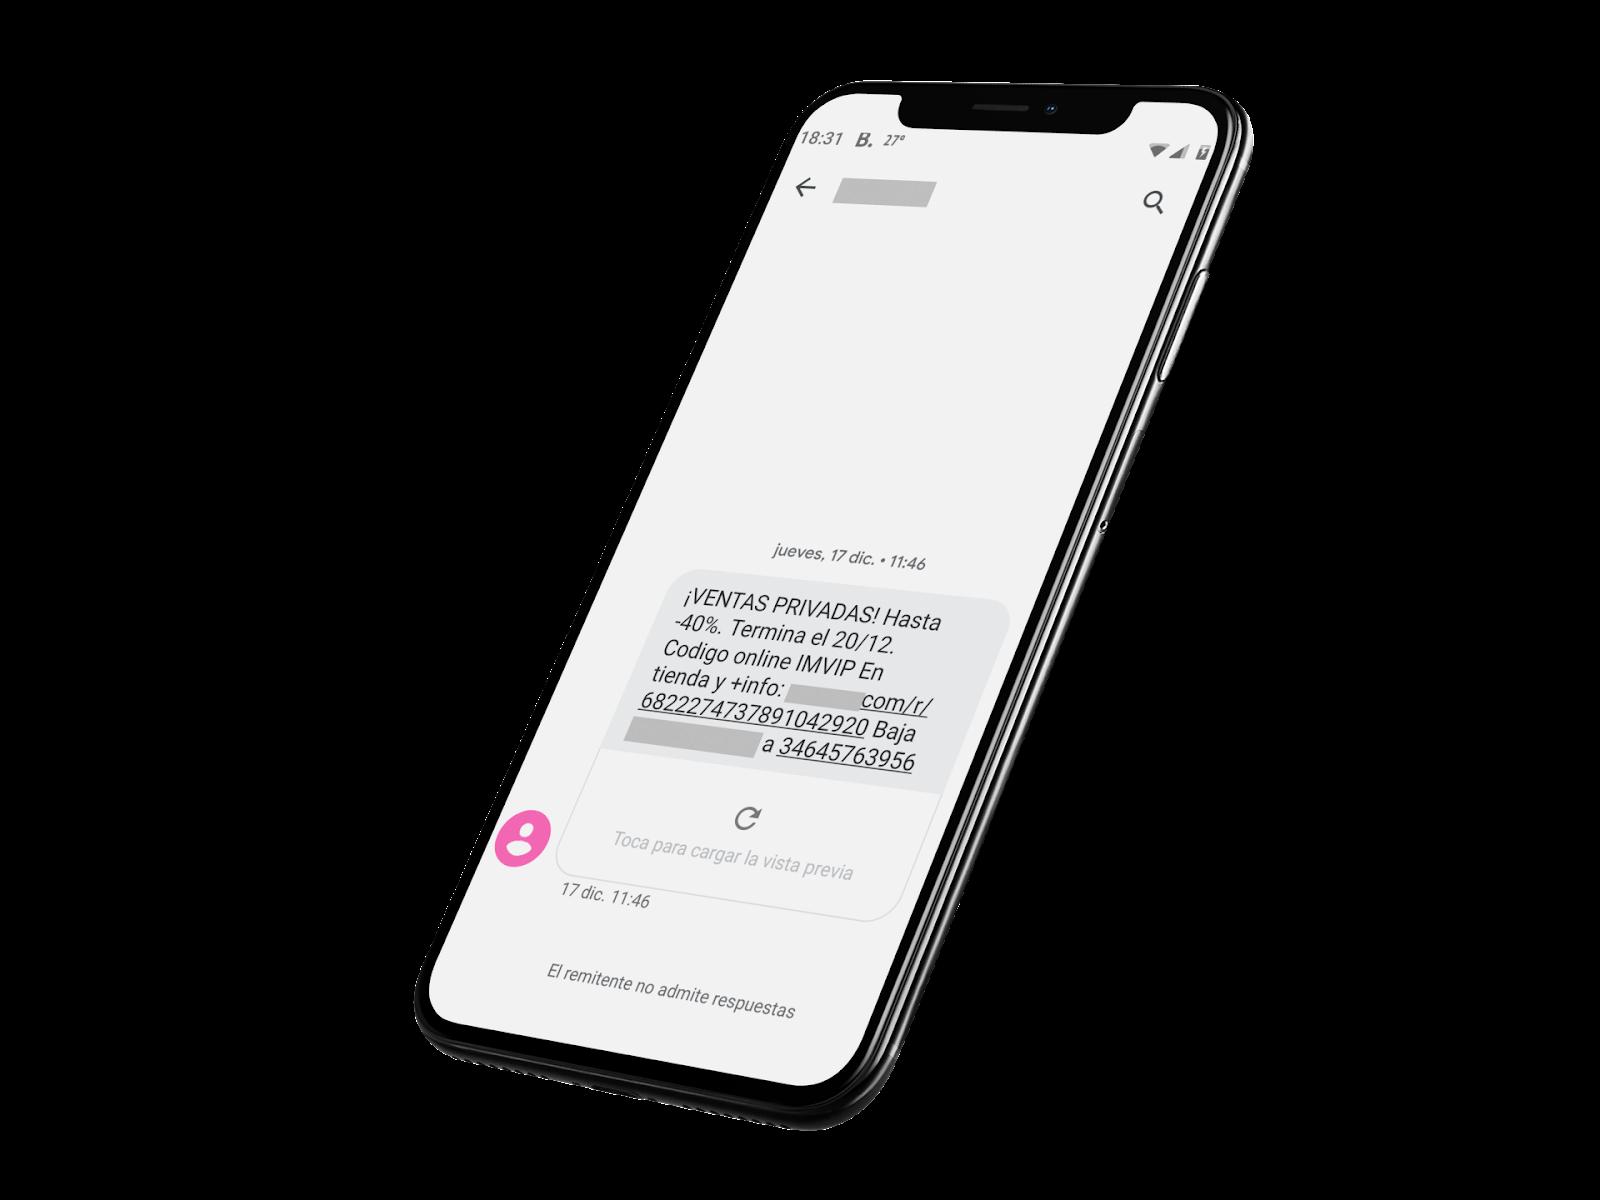 teléfono móvil con mensaje de texto